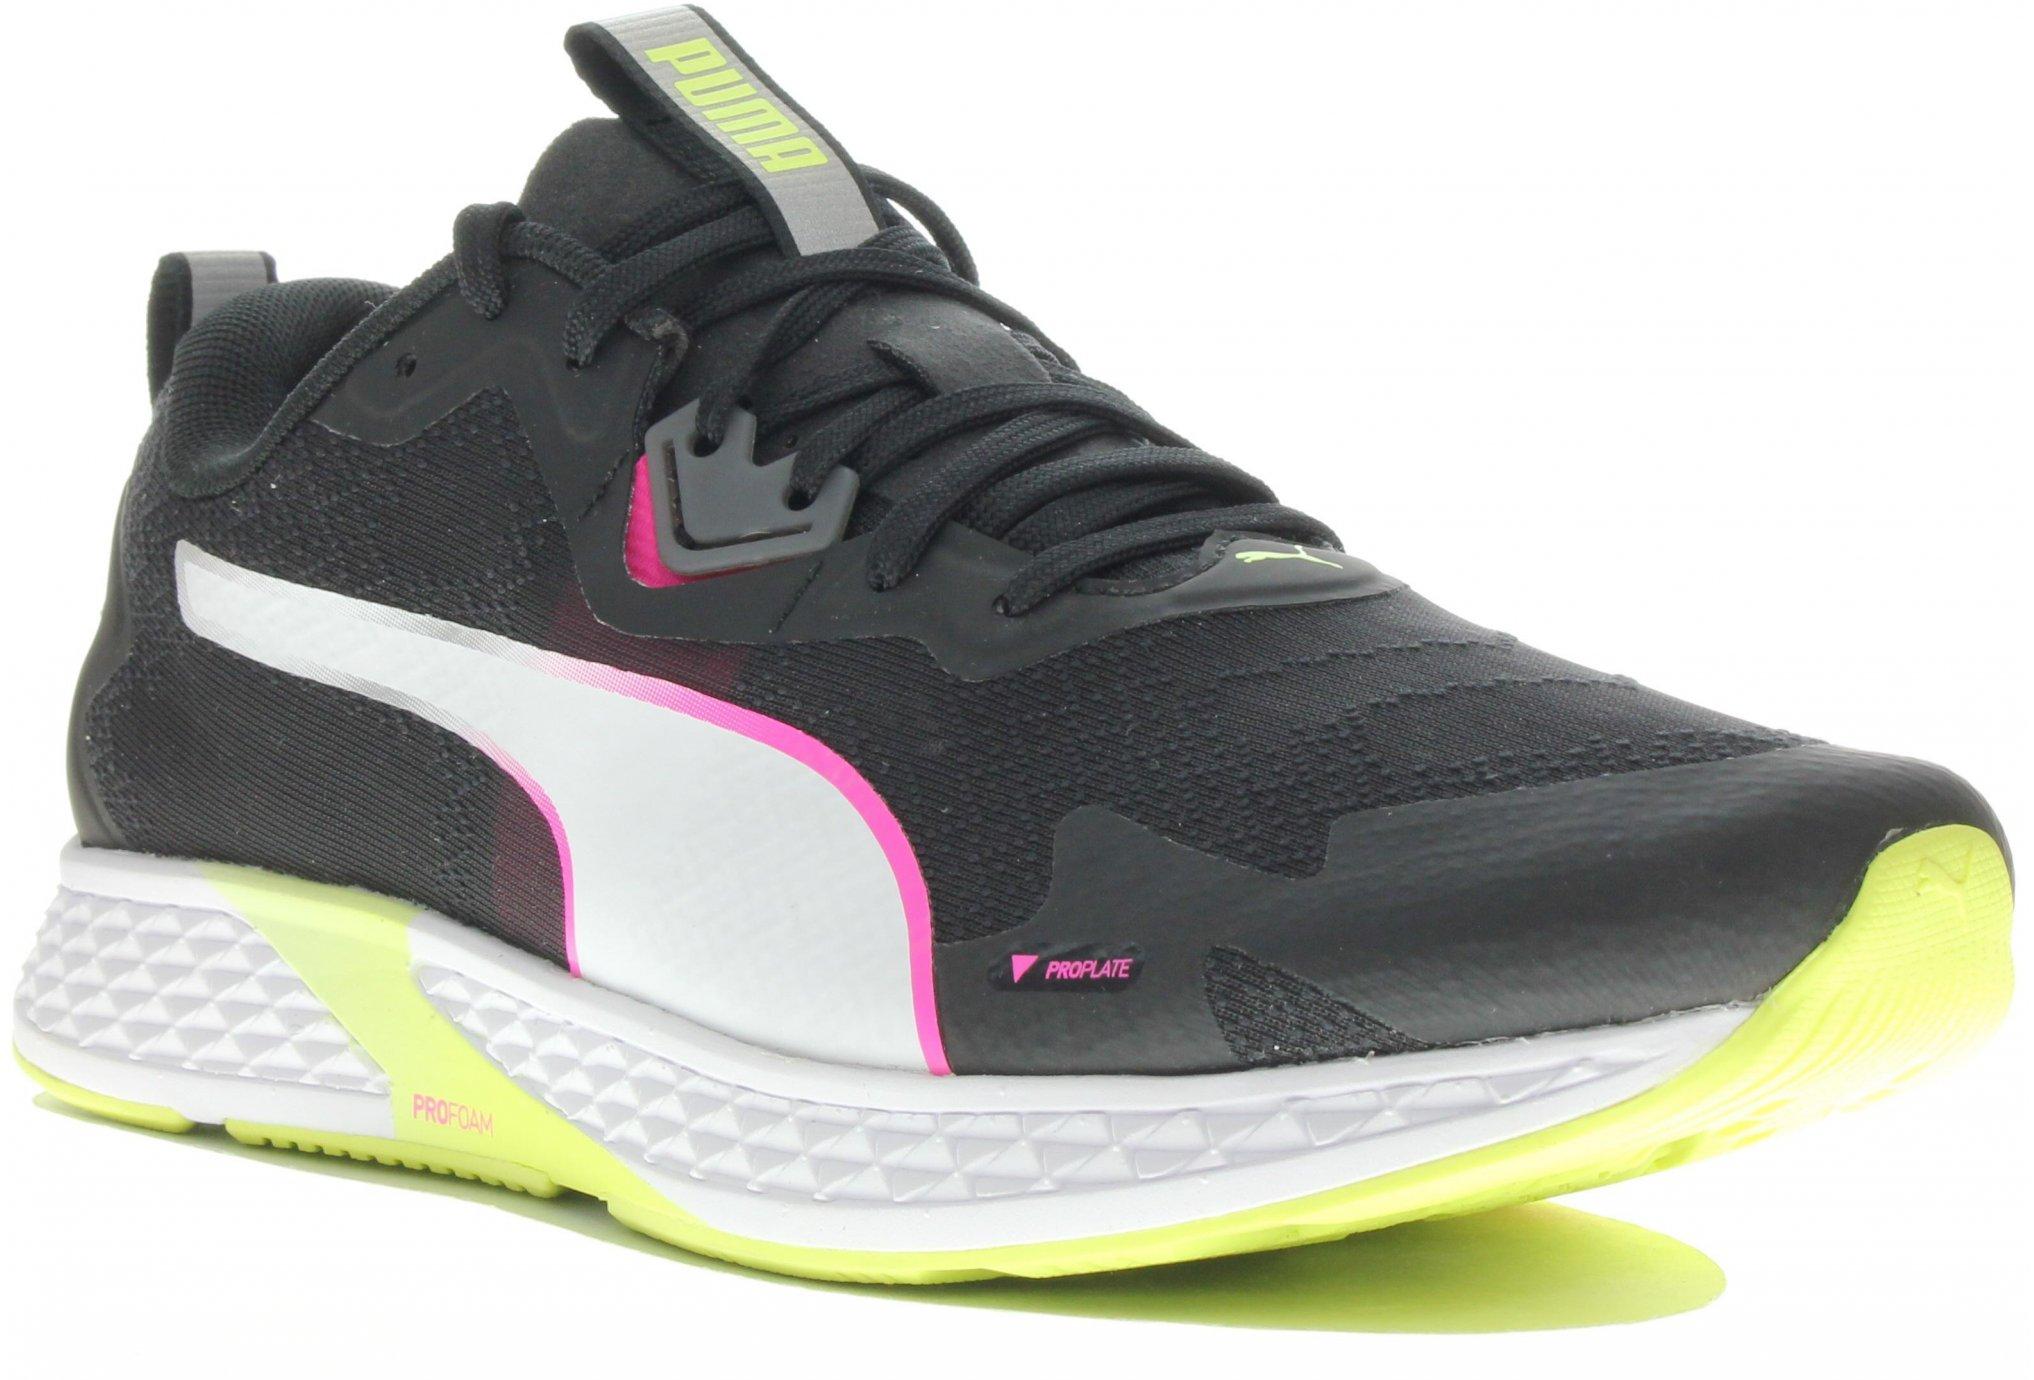 Puma Speed 500 2 W Chaussures running femme